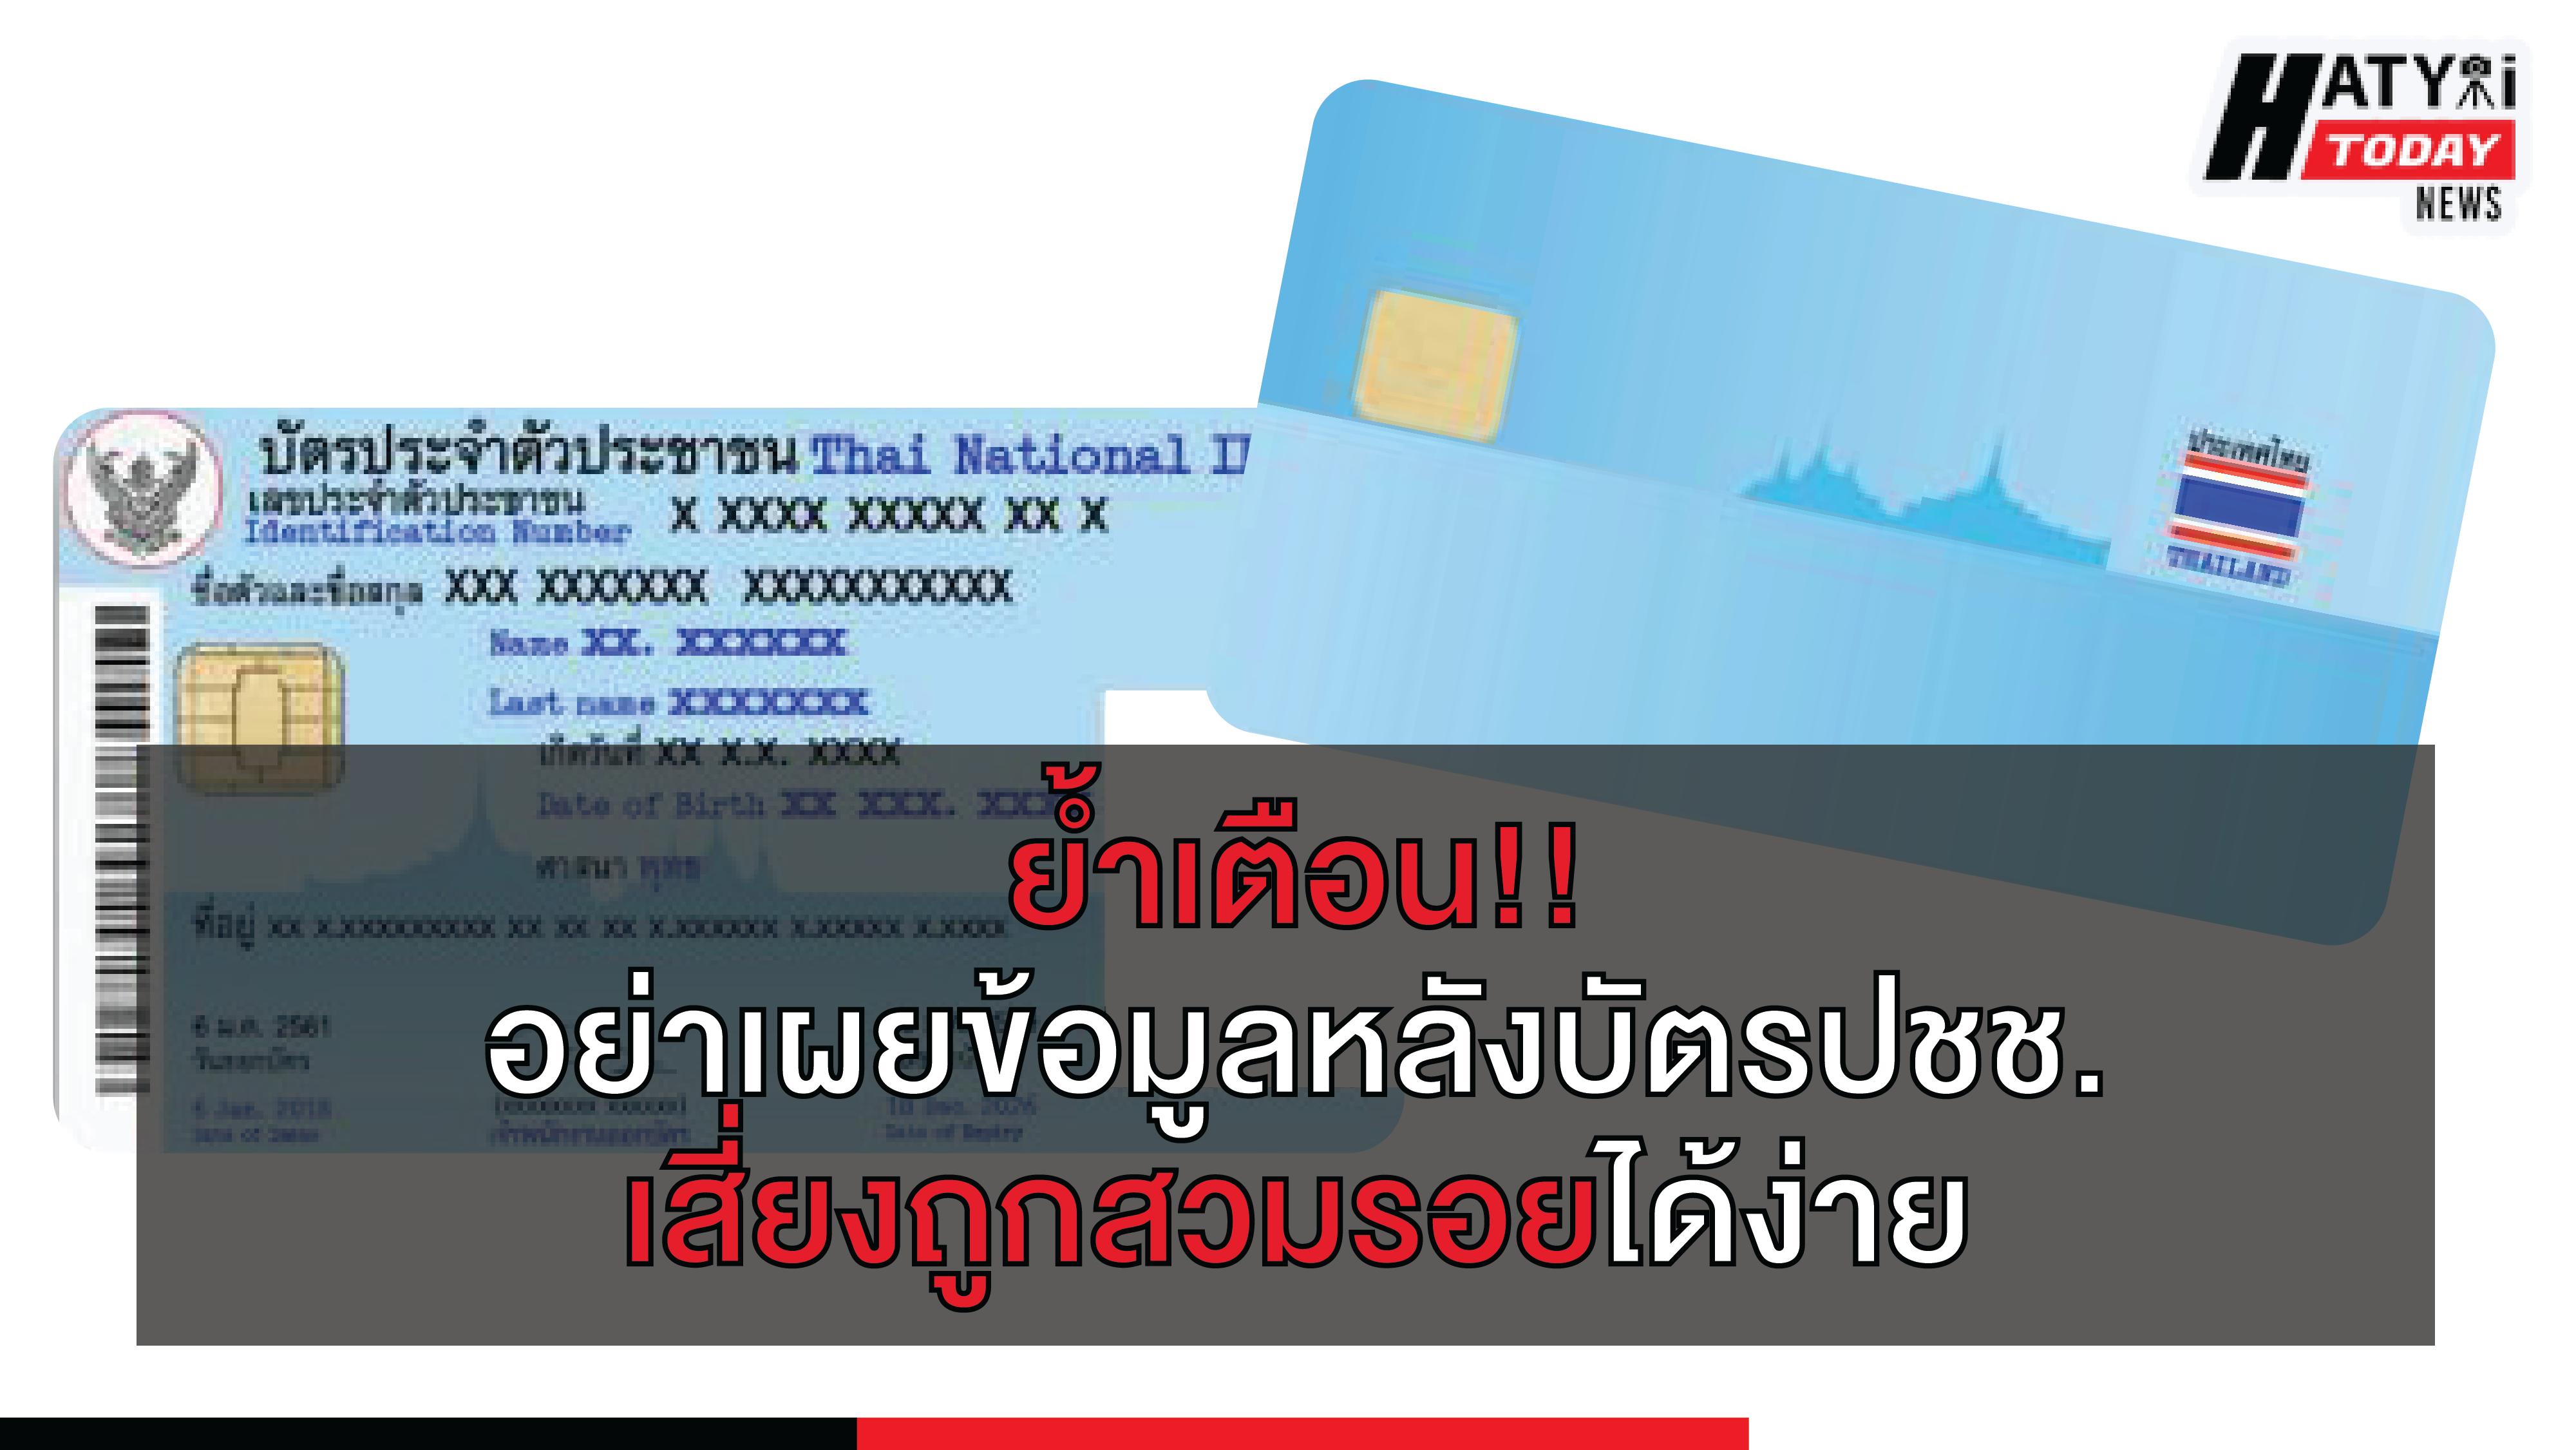 เตือน อย่าเปิดเผยข้อมูลหลังบัตรปชช. เสี่ยงถูกสวมรอย